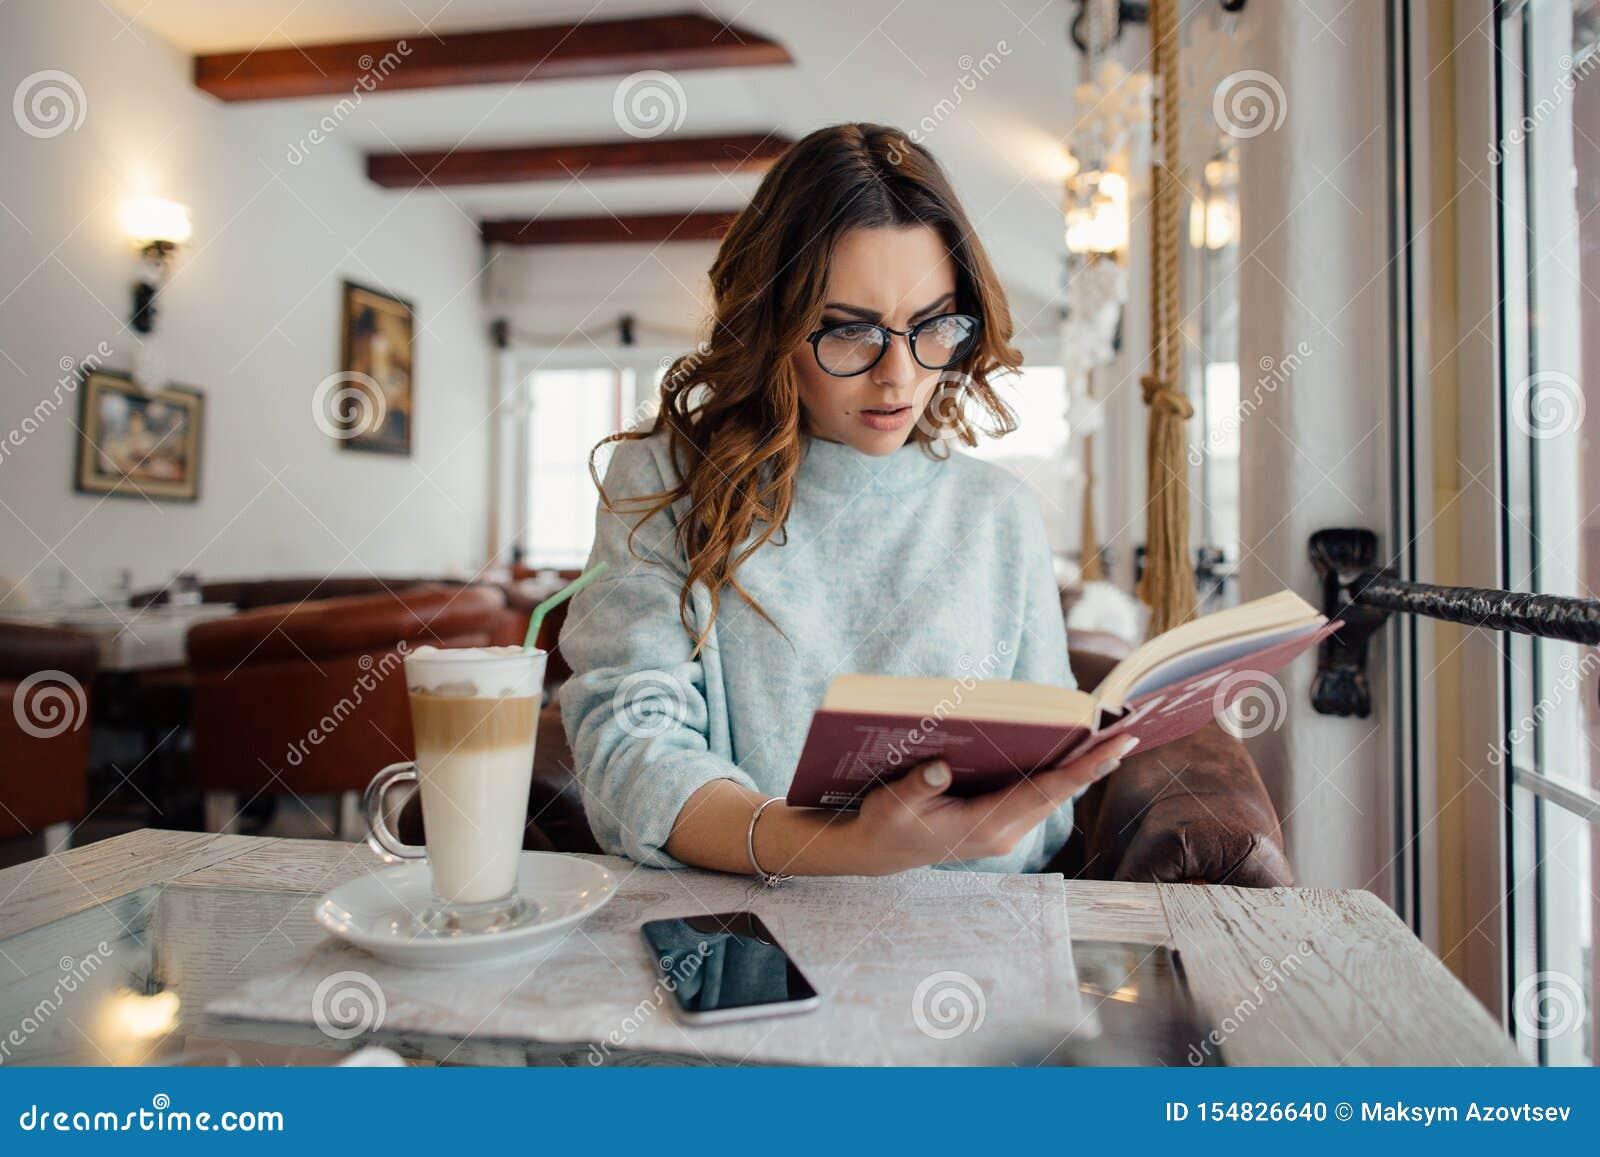 Κορίτσι στα γυαλιά που διαβάζει το βιβλίο ιδιωτικών αστυνομικών